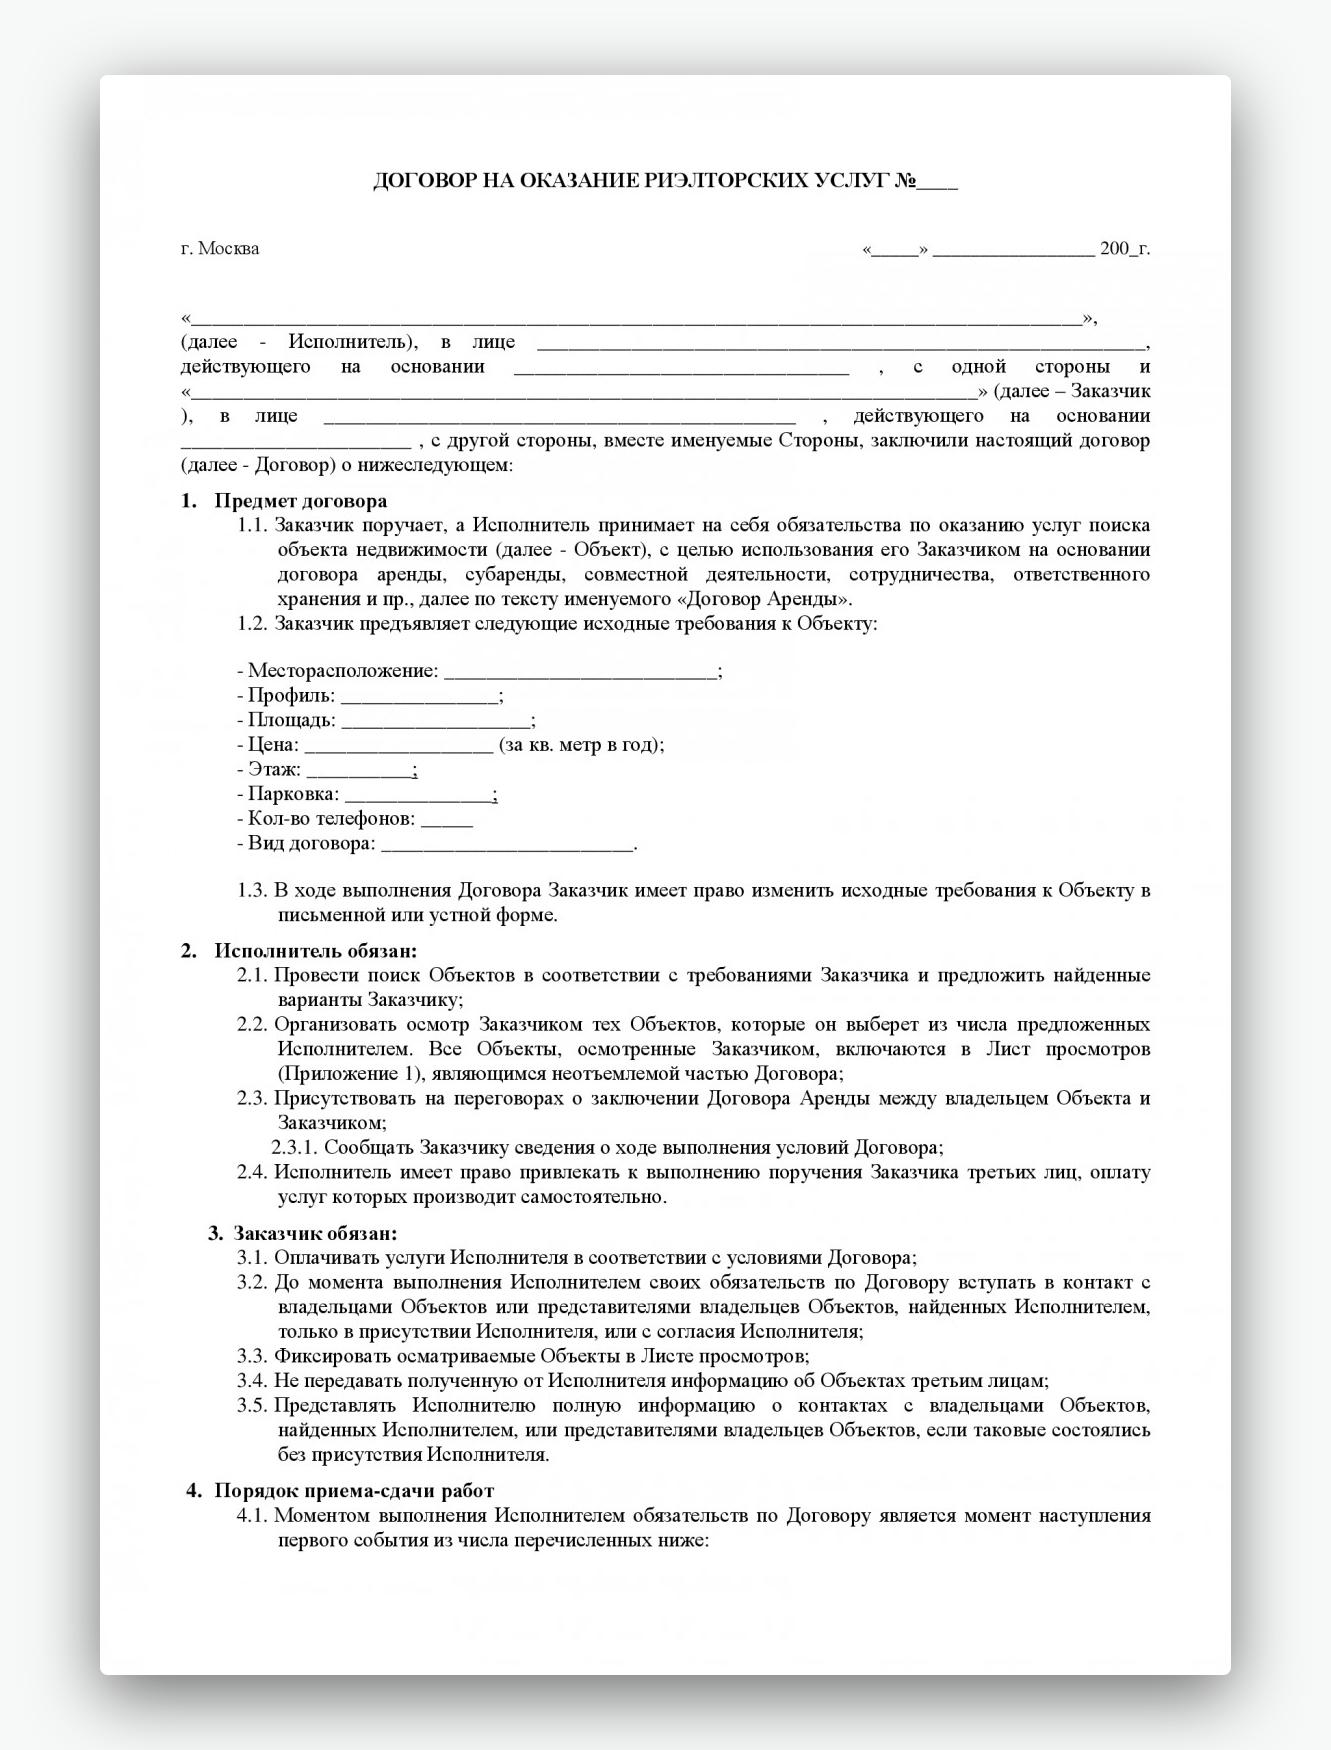 Договор на оказание риелторовских услуг